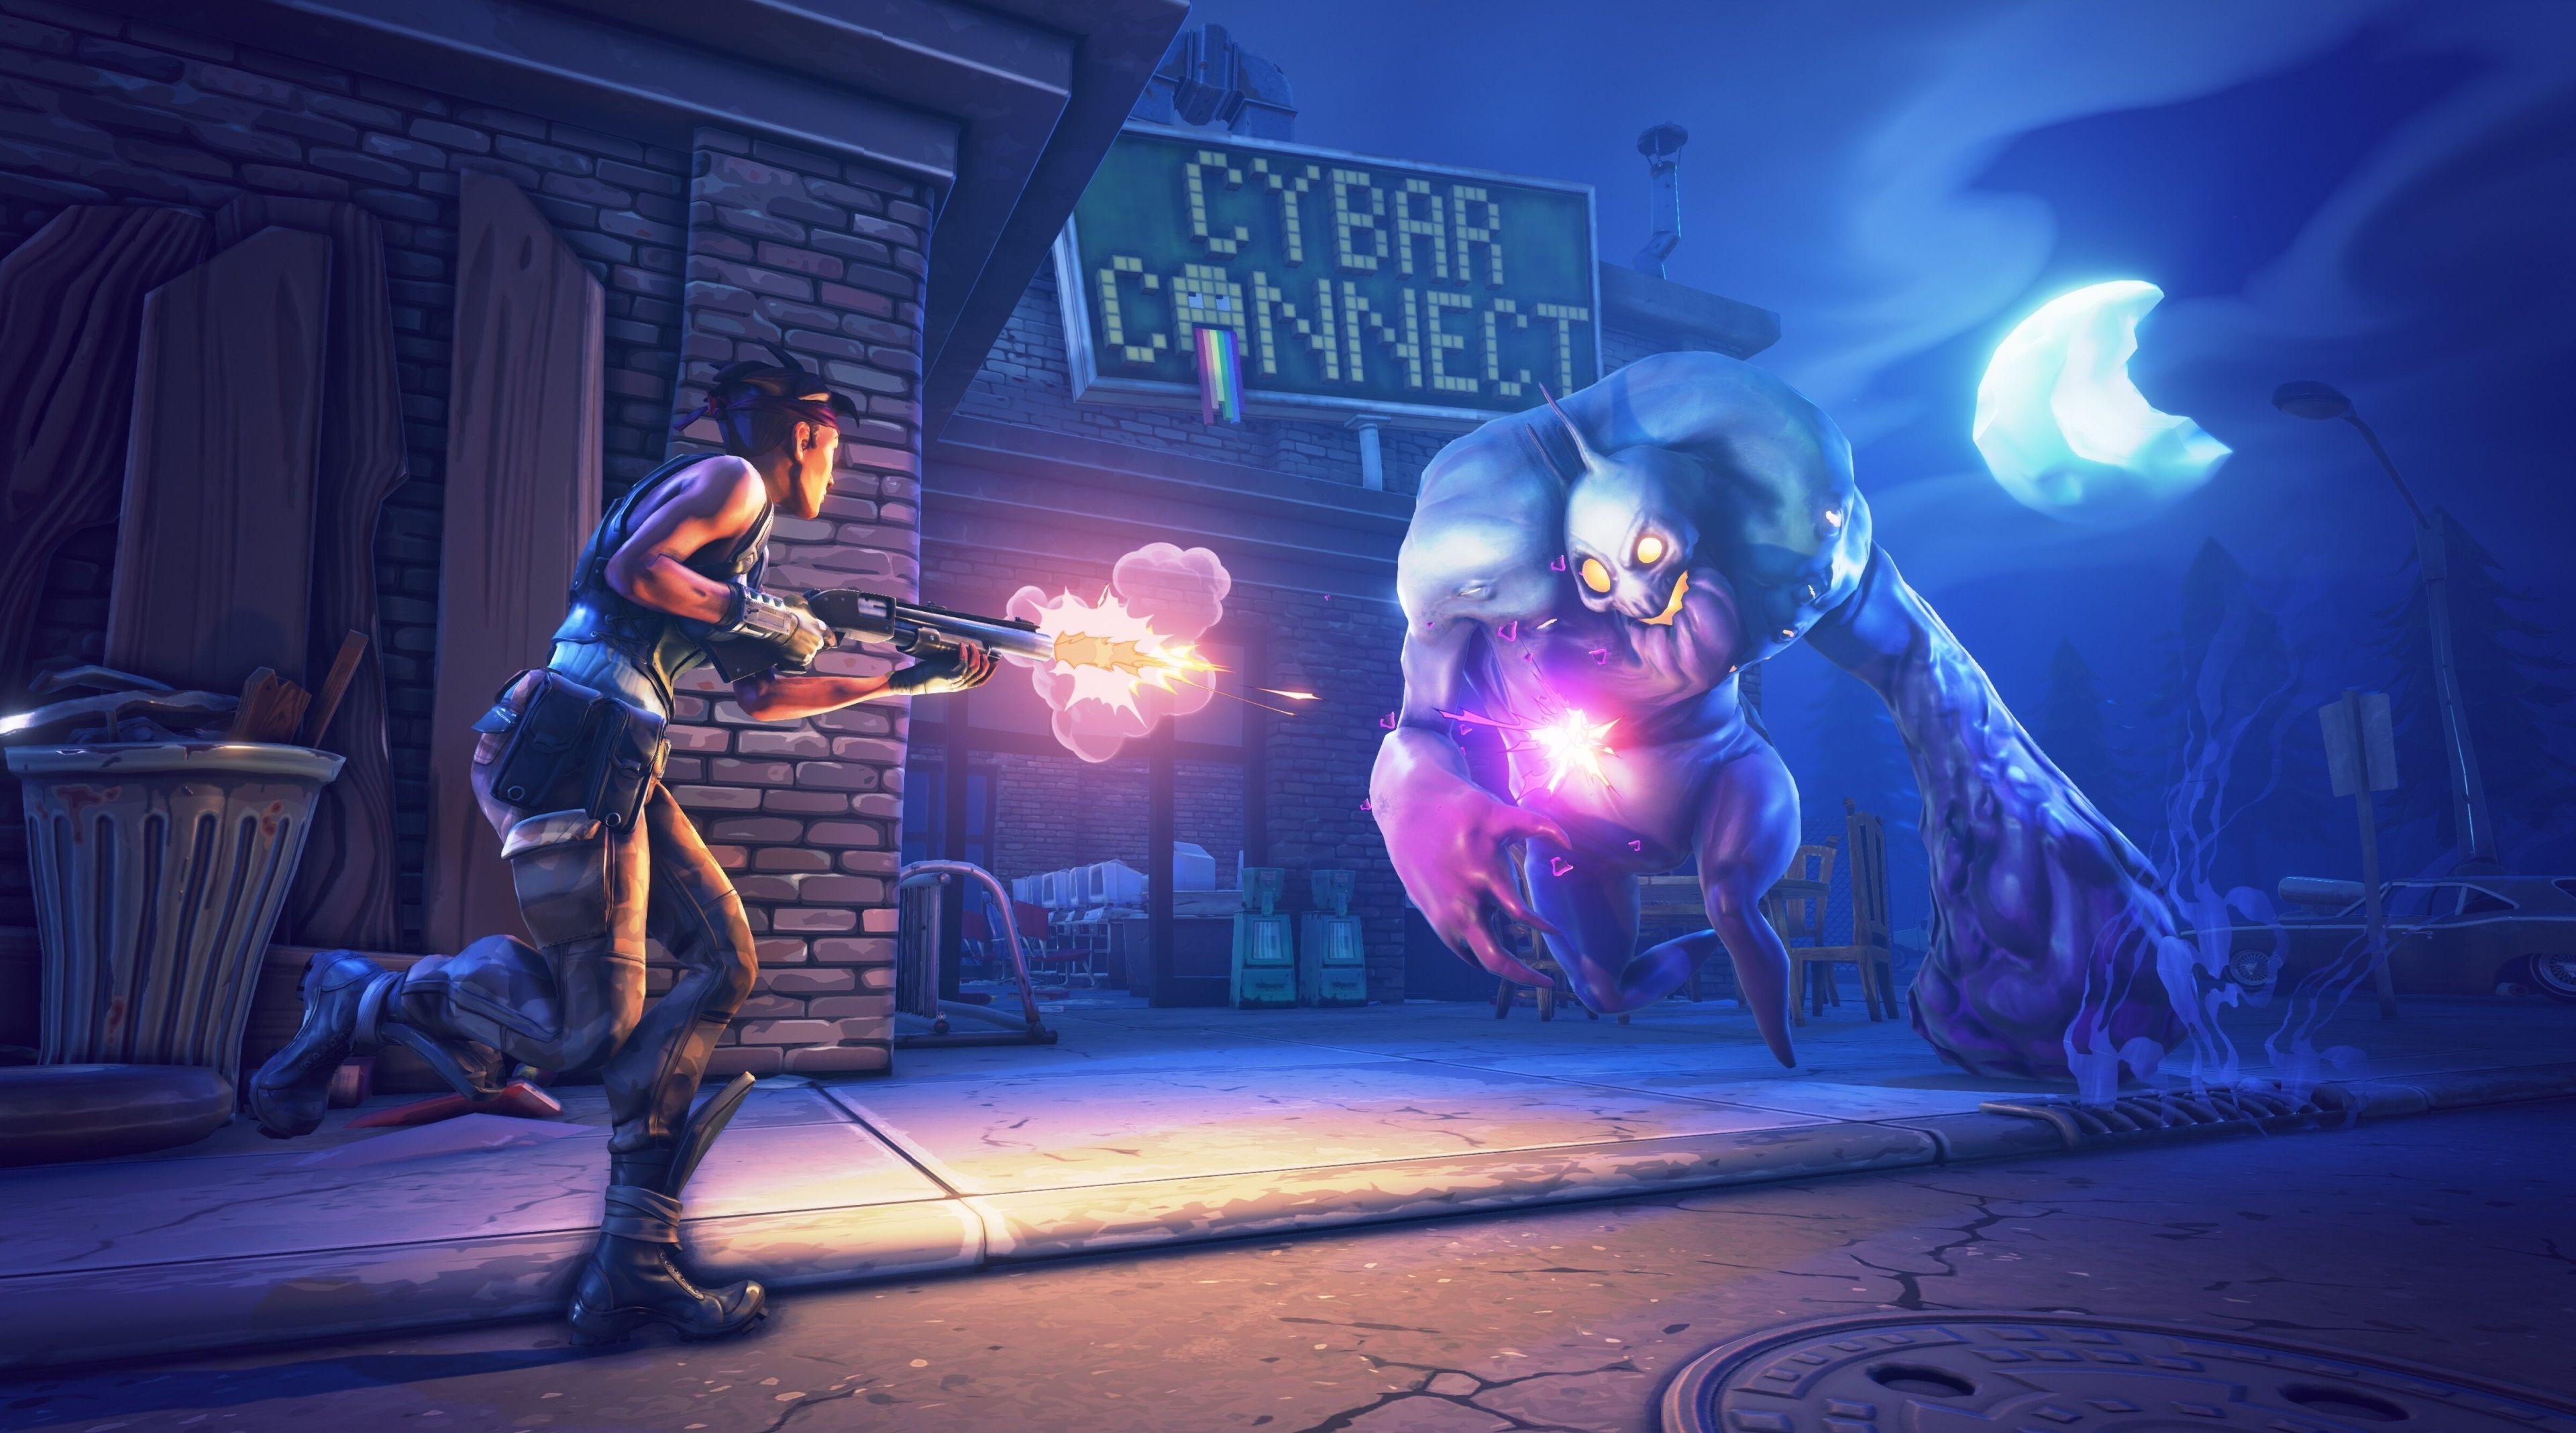 3840x2136 Fortnite 4k Best Wallpaper Fortnite Resident Evil Grand Theft Auto